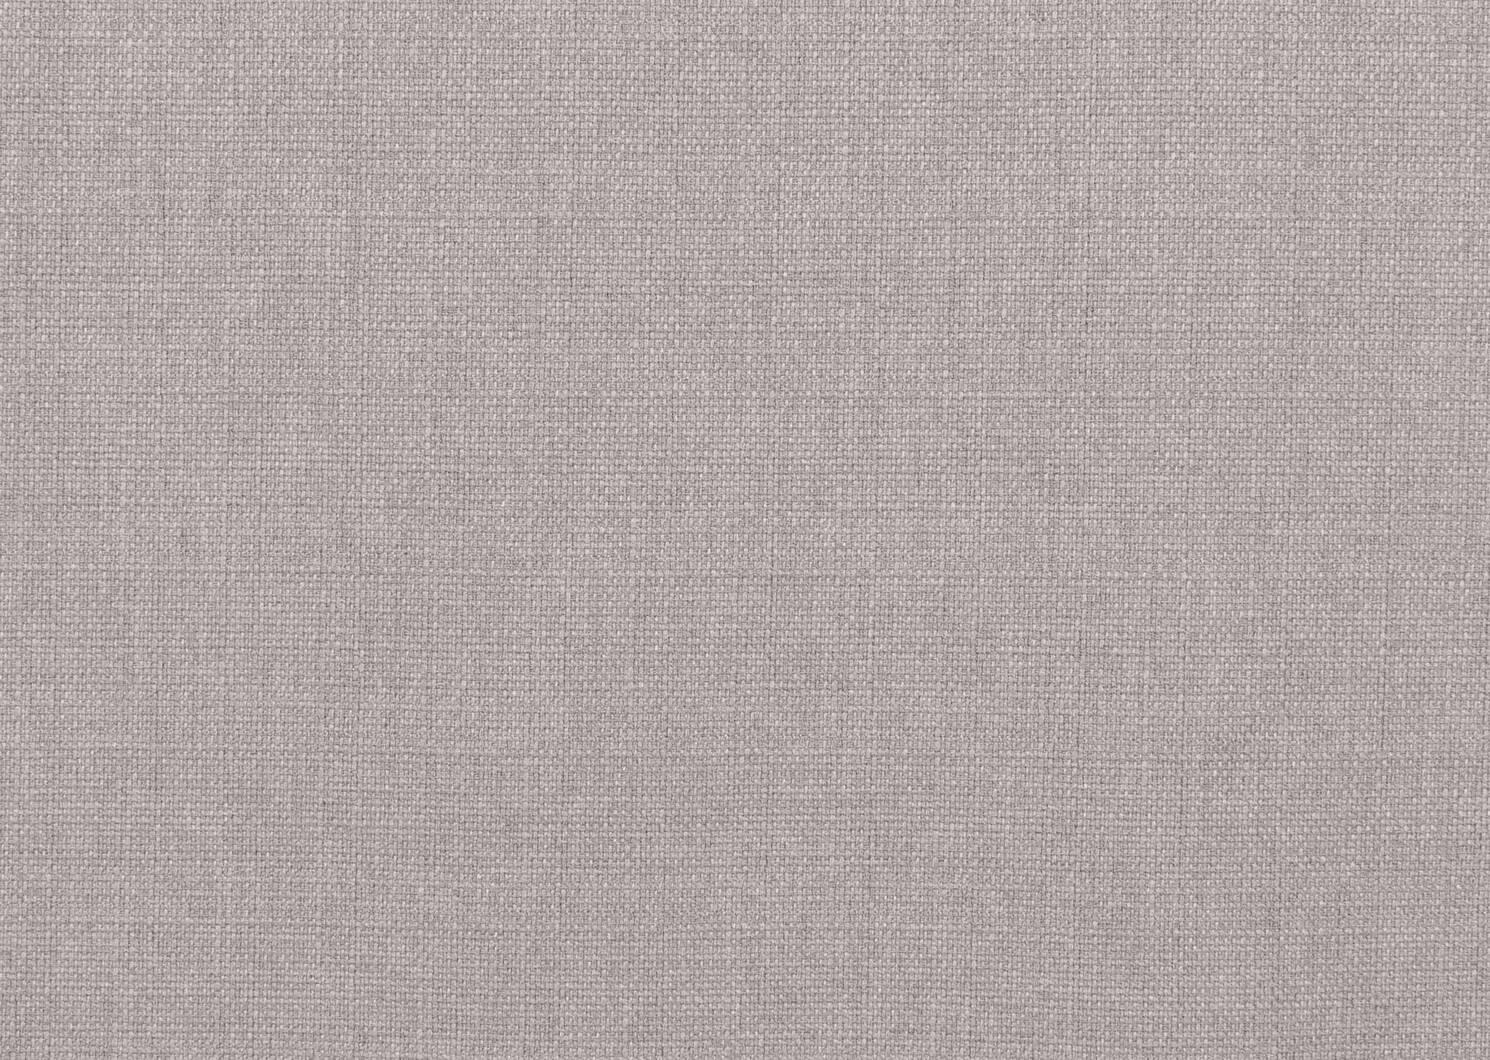 Rideau Kaden 108 gris pâle